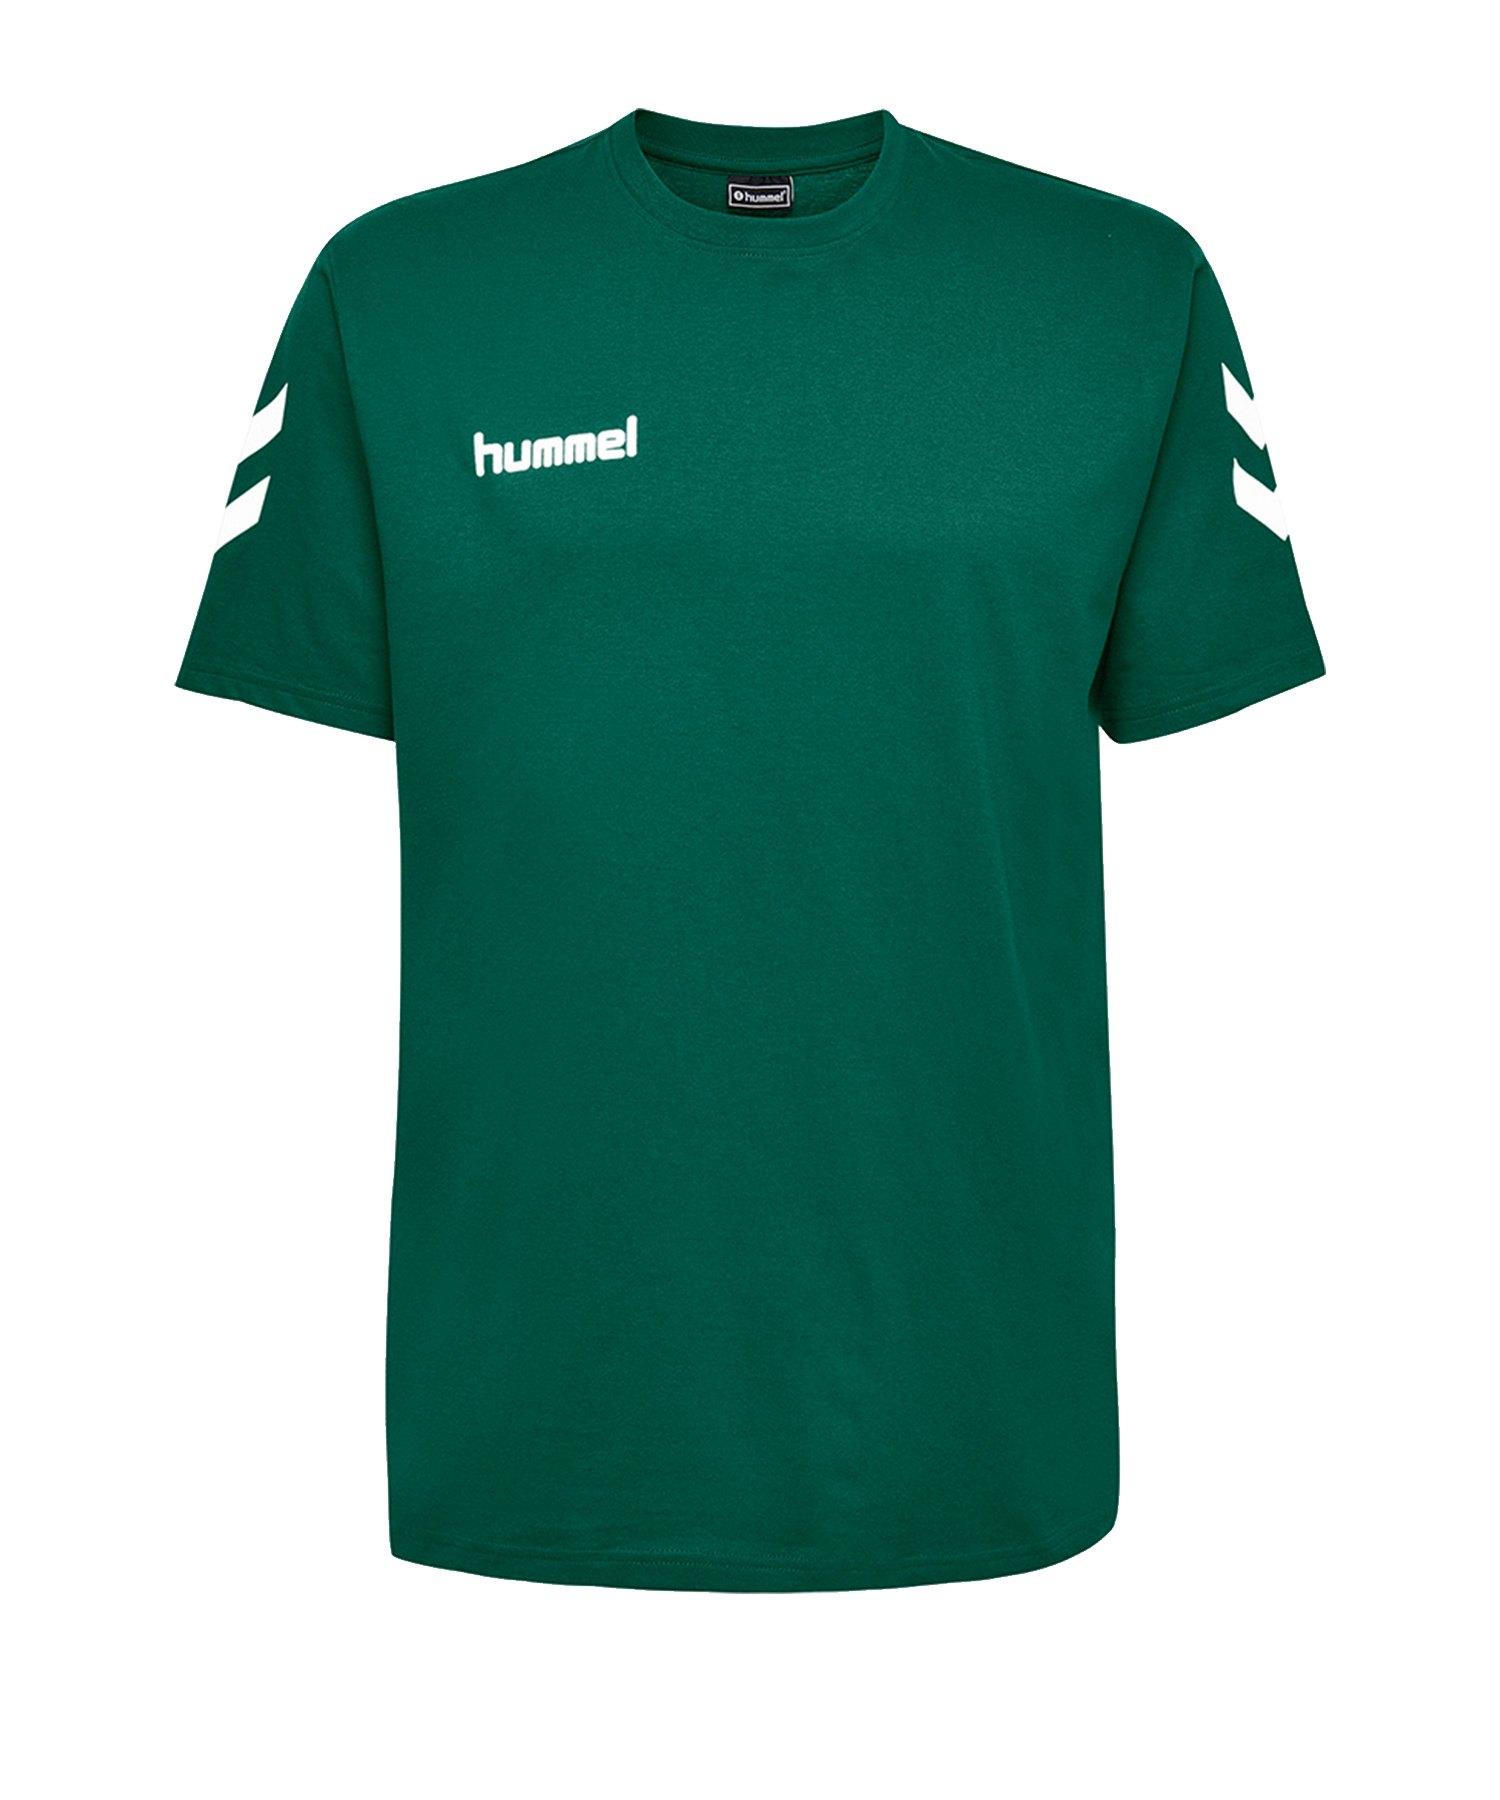 Hummel Cotton T-Shirt Kids Grün F6140 - Gruen